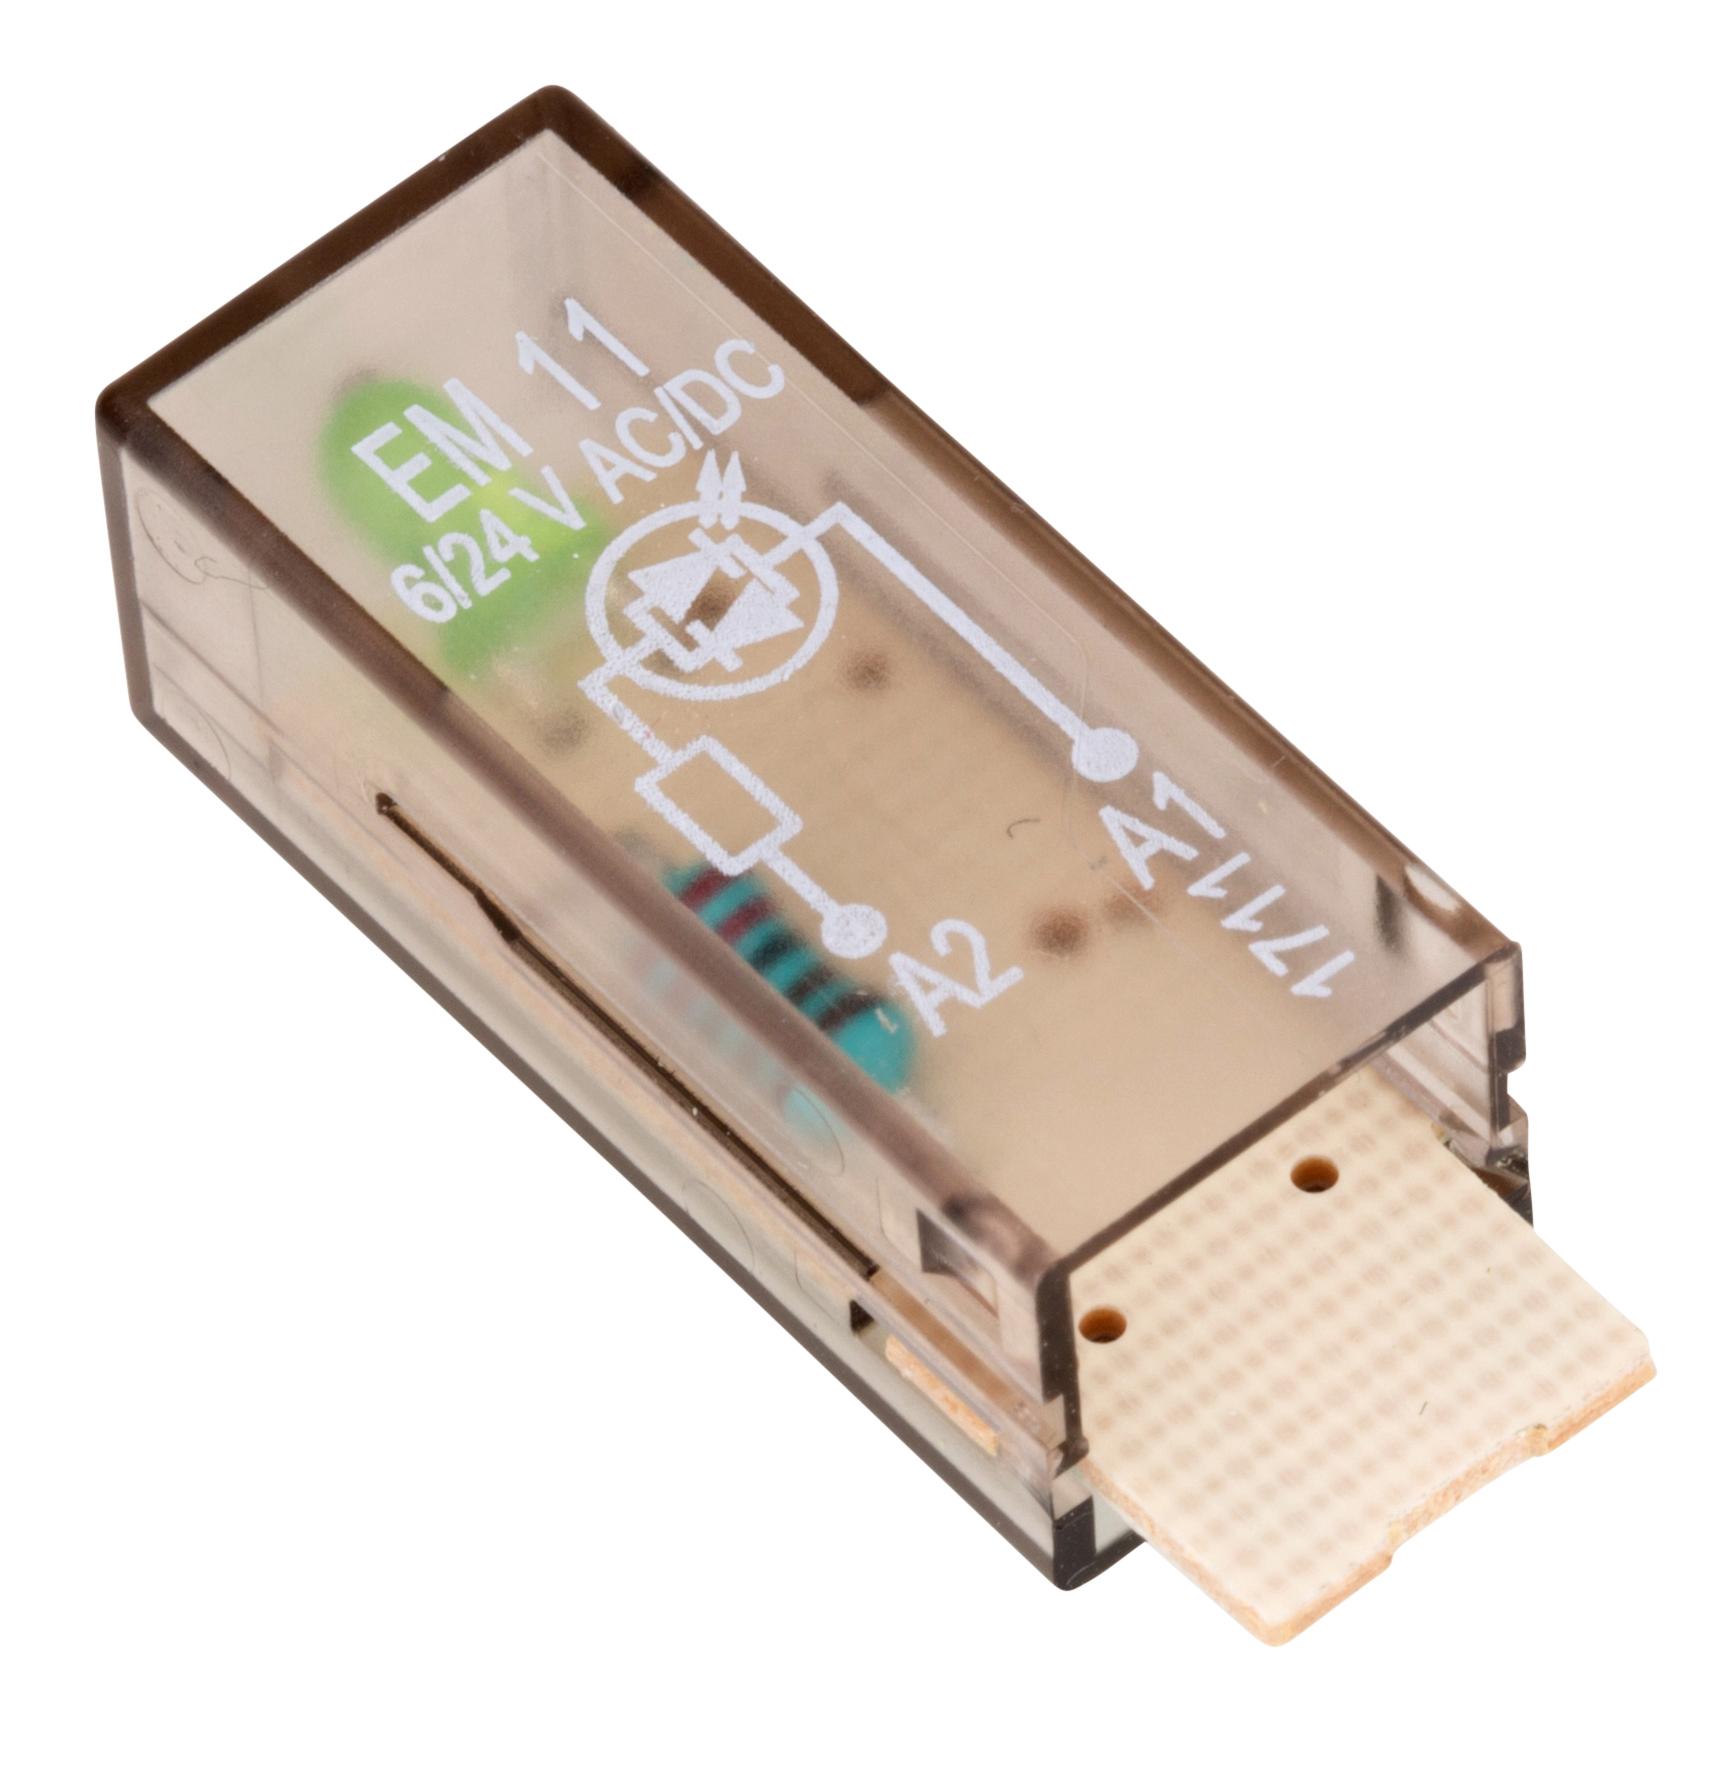 1 Stk LED-Steckmodul, grün, 6-24V AC/DC, EM11 YMLGA024--